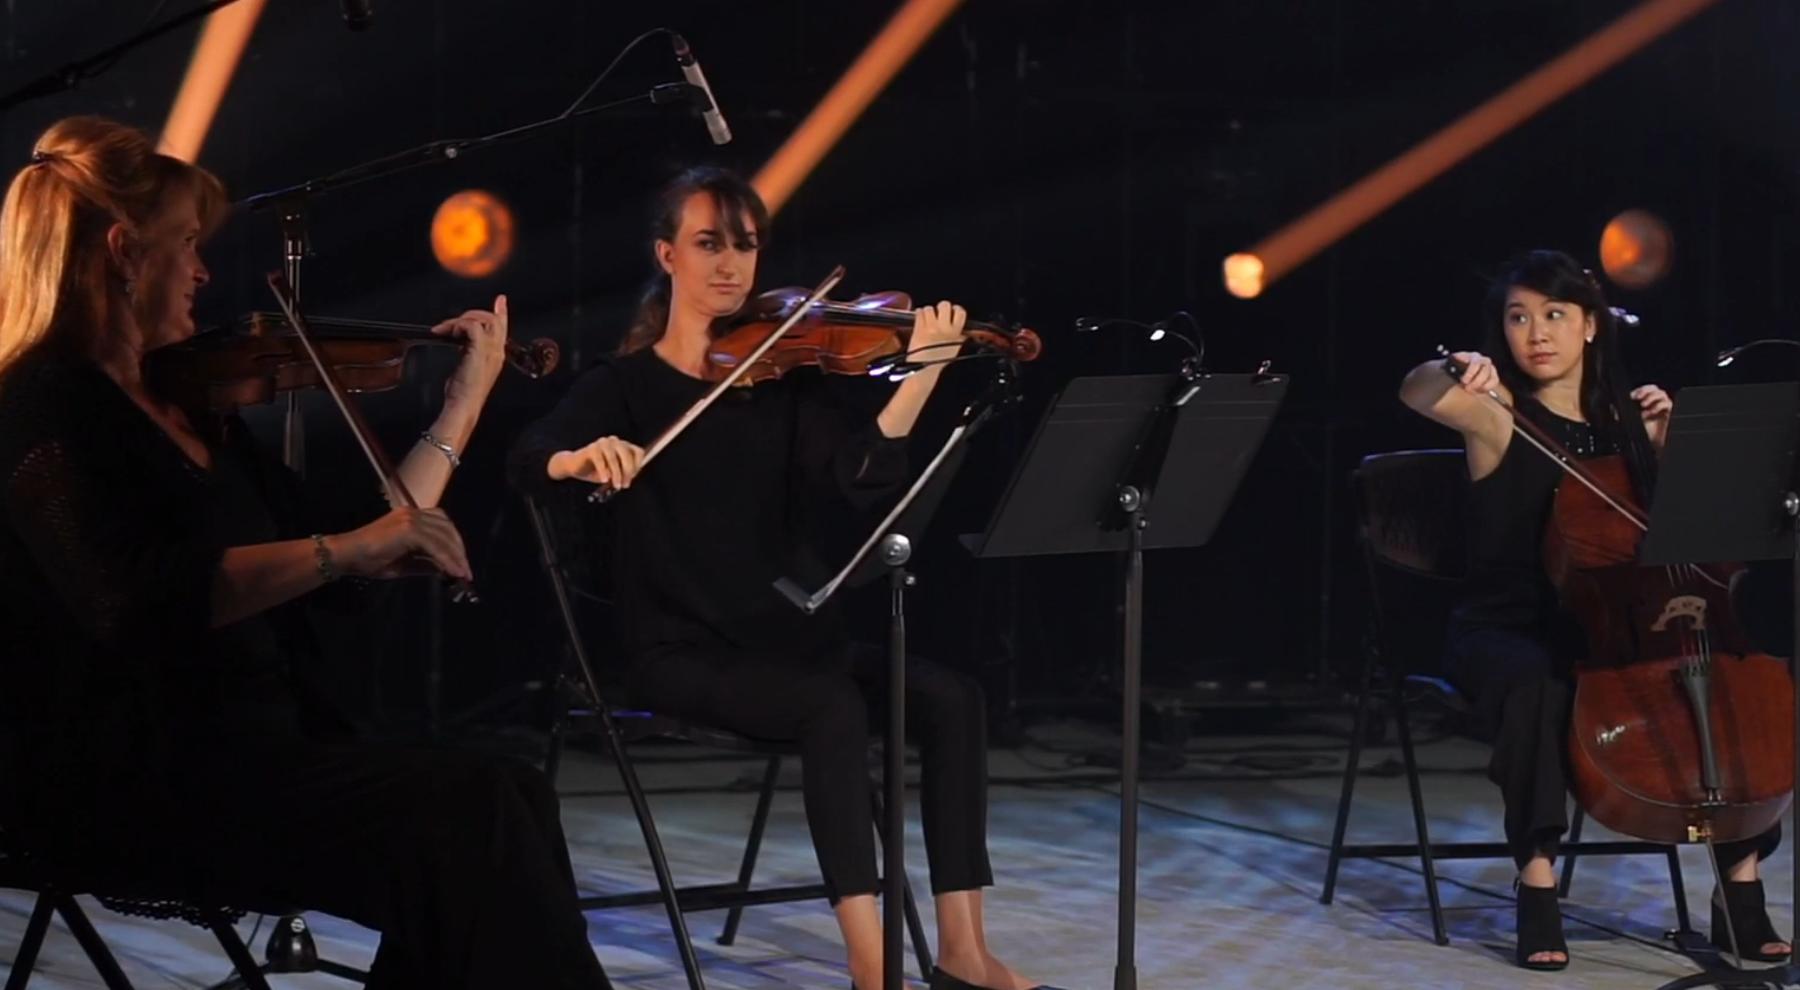 LAMusArt Live! Premieres 10 Original Student Compositions